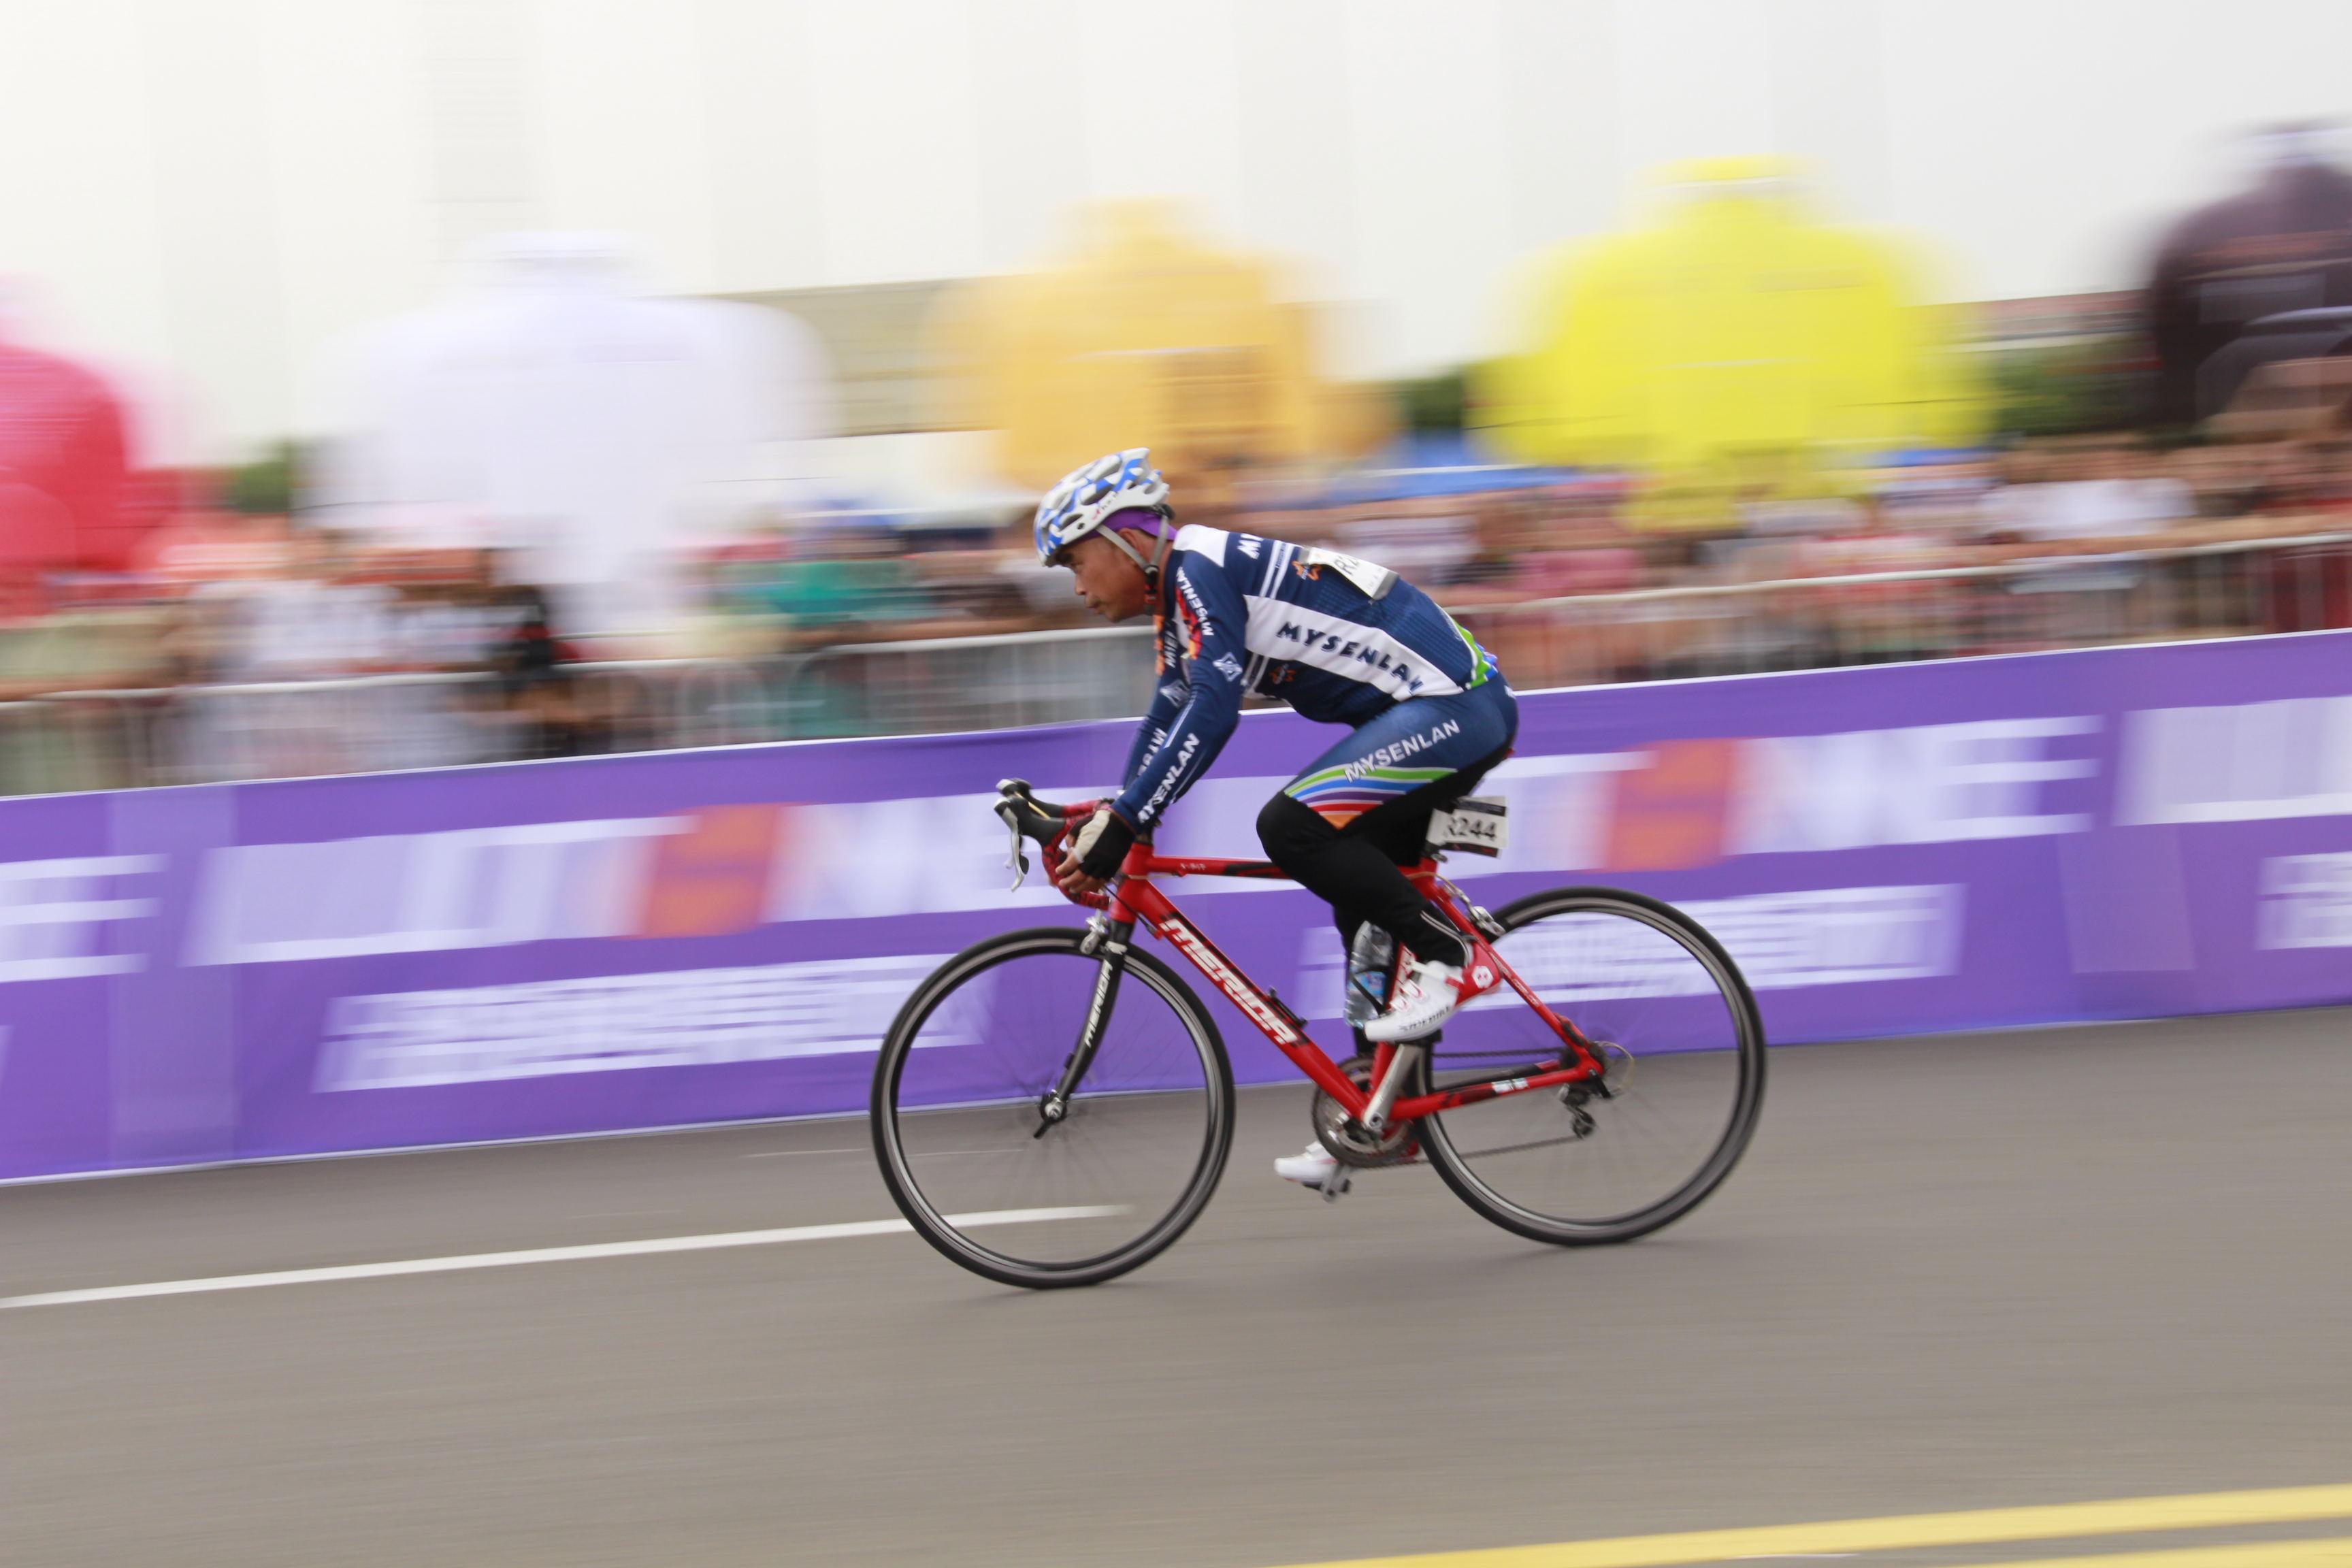 黄河口公路自行车赛:东营上演速度与激情